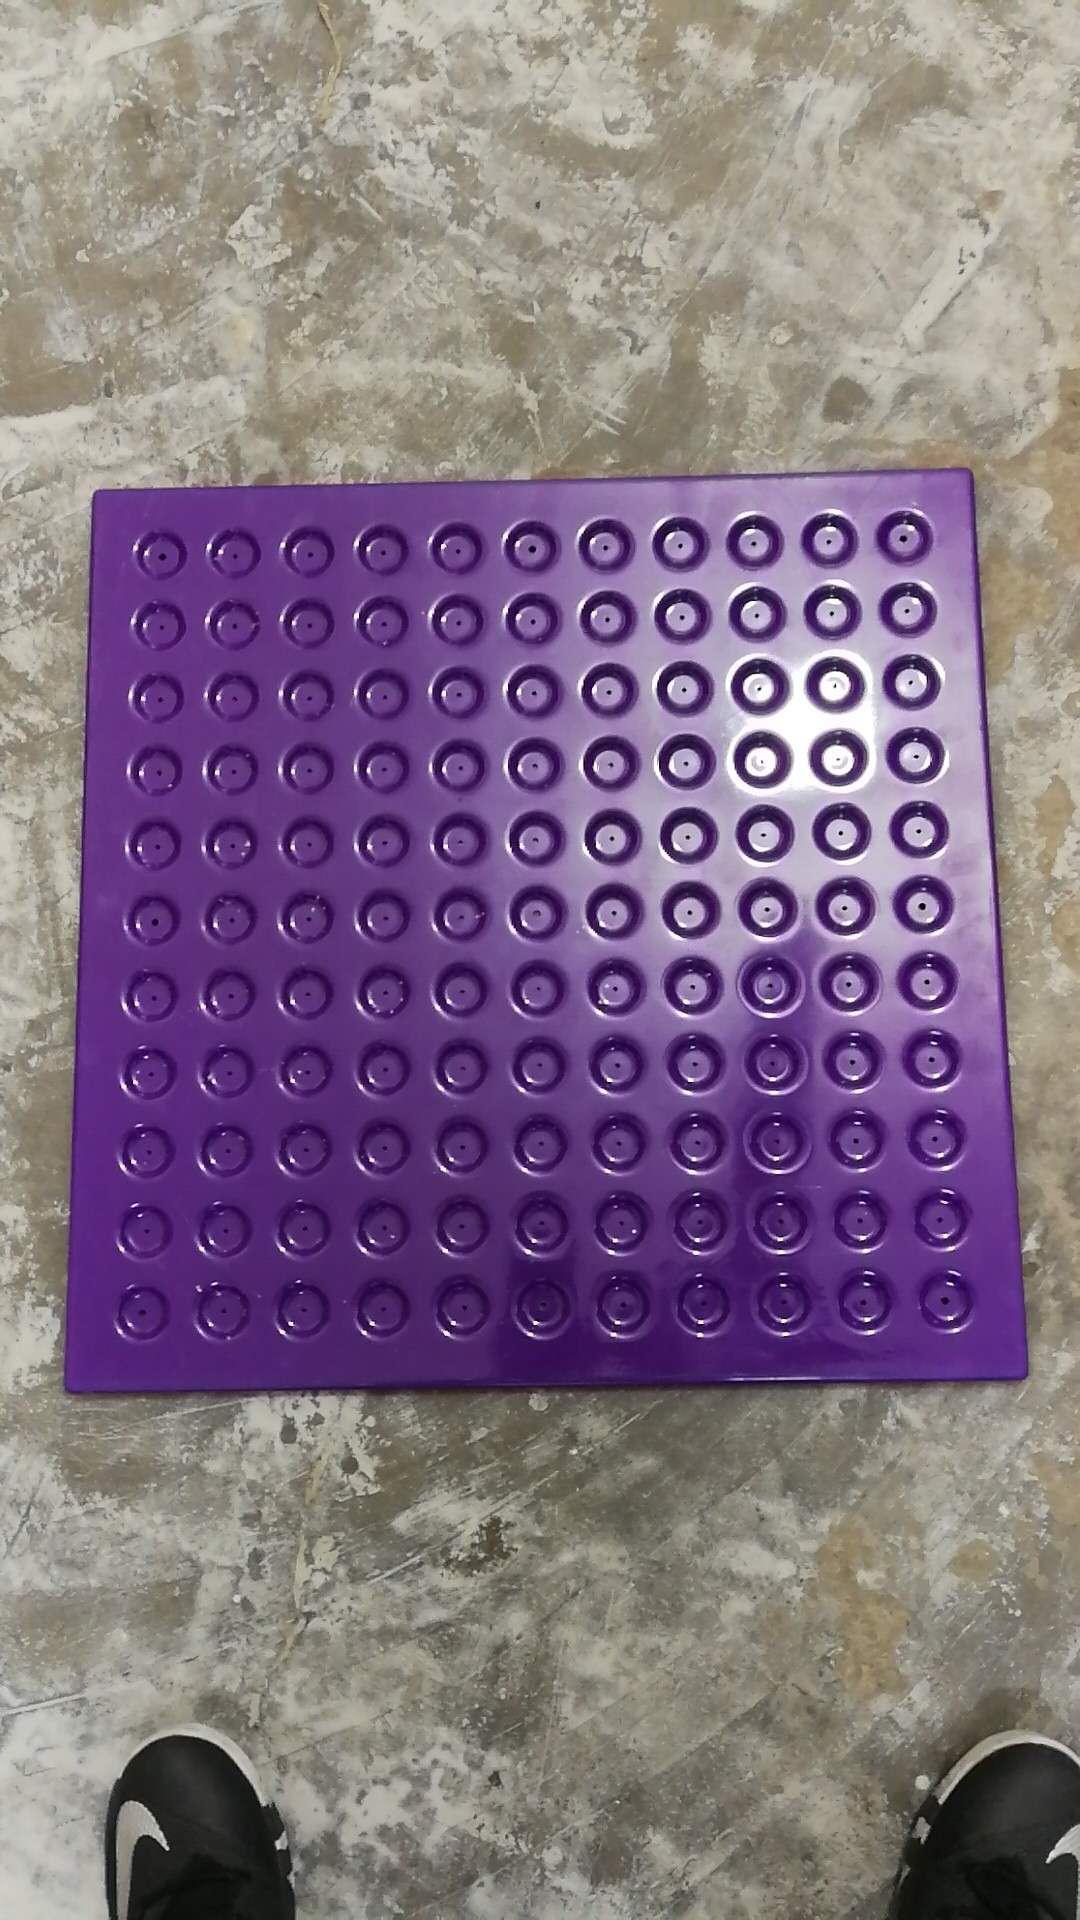 透明吸塑透明吸塑厂家透明吸塑批发透明吸塑价格 紫色吸塑